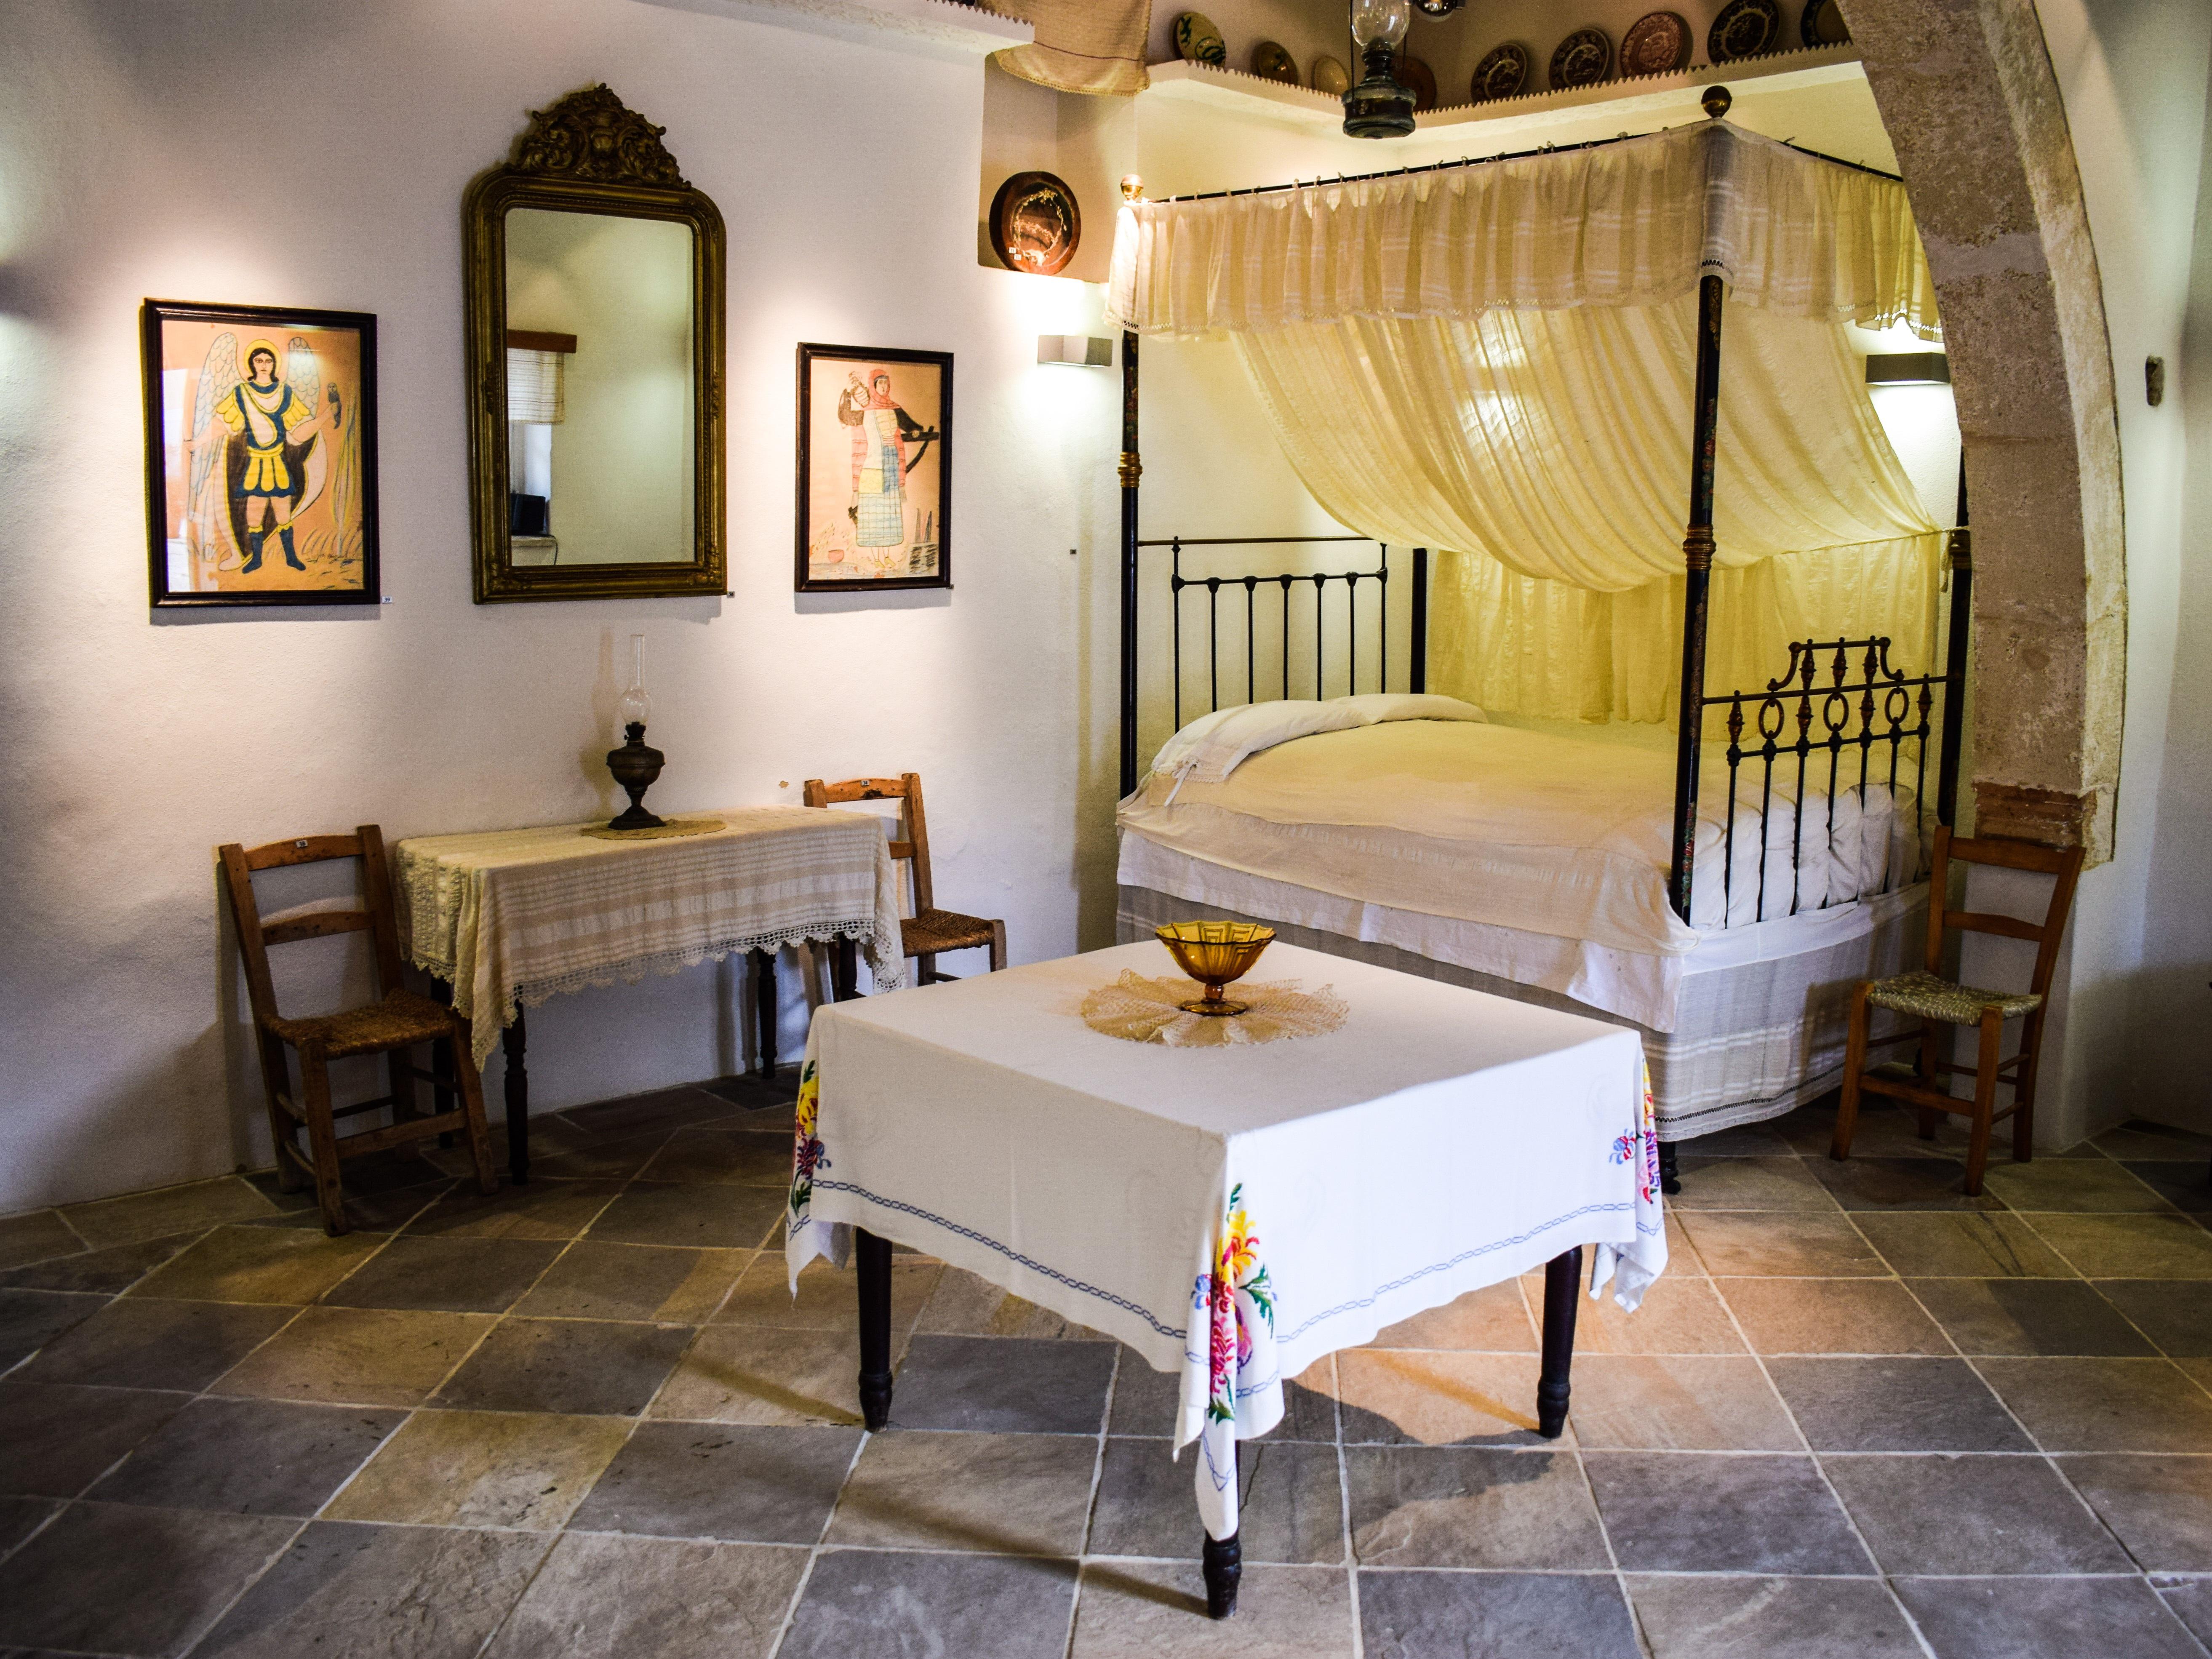 Fotos gratis : arquitectura, villa, palacio, piso, interior ...